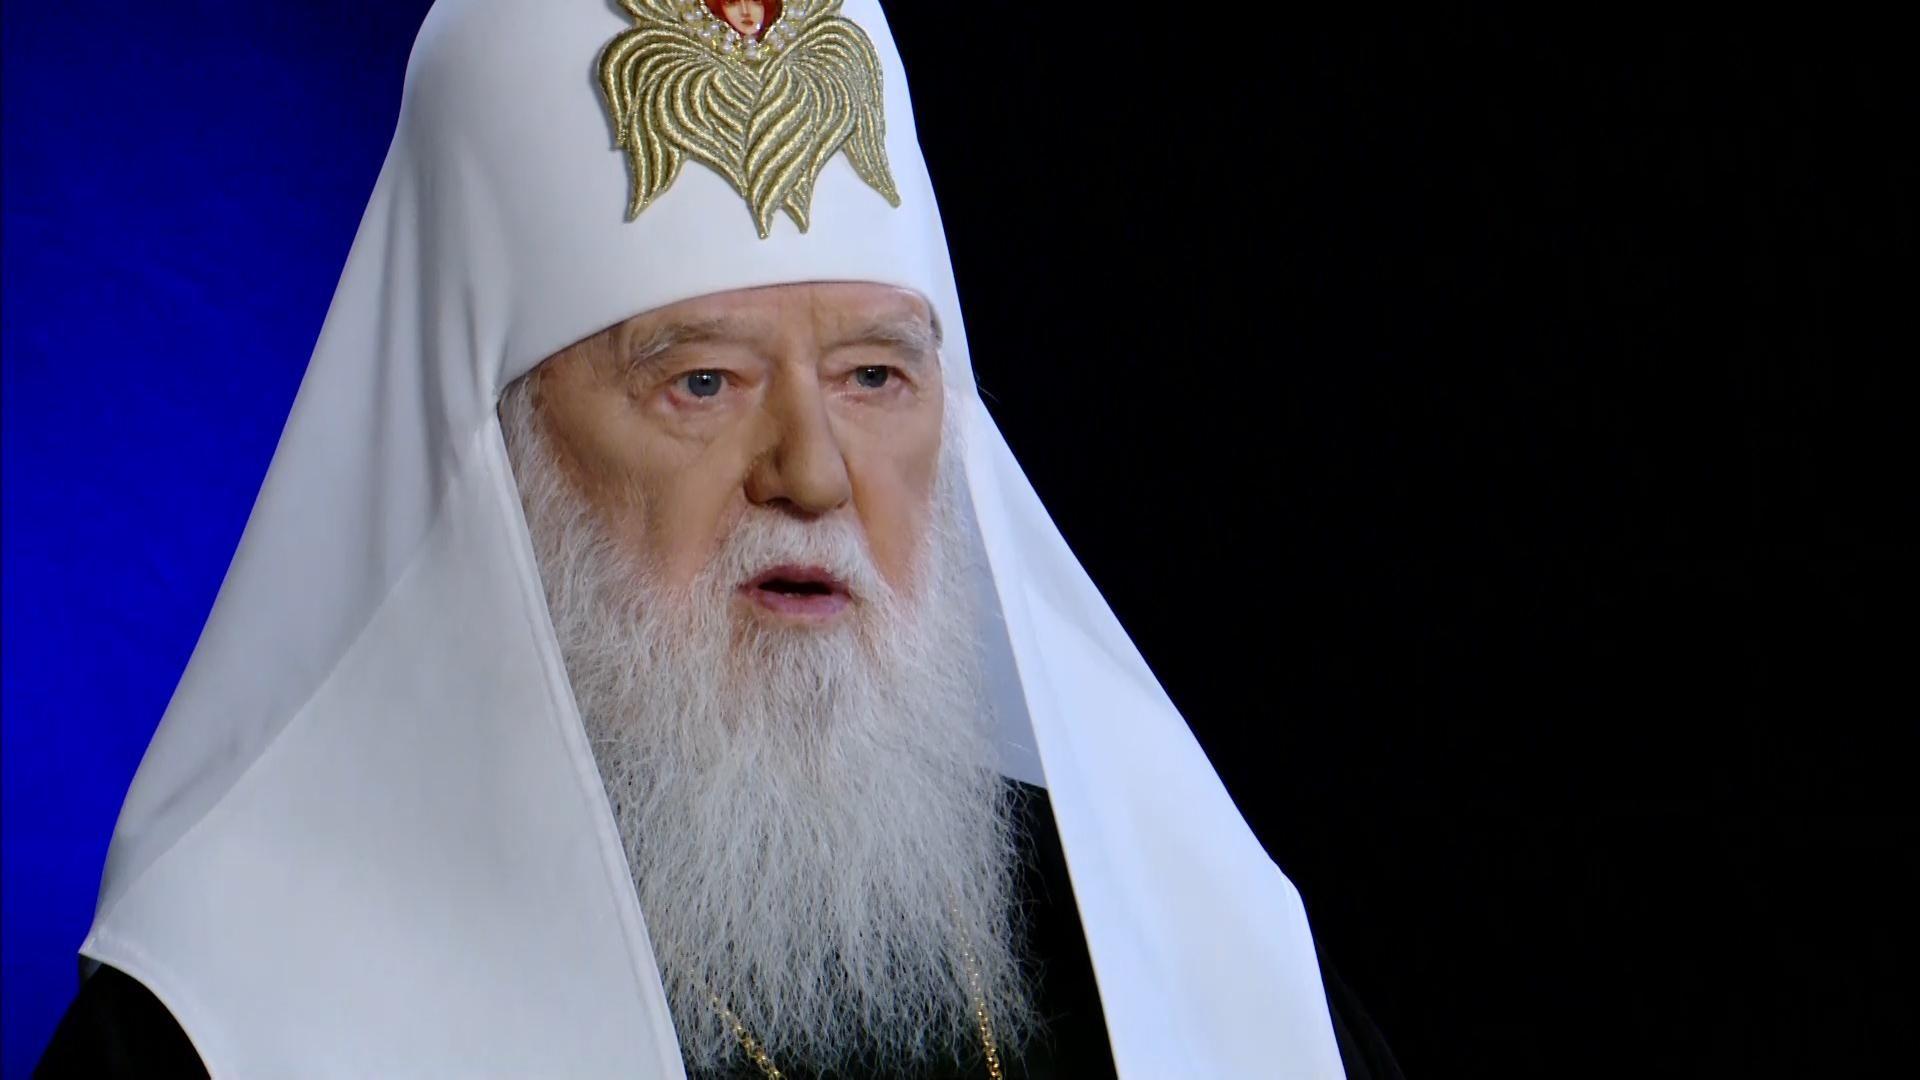 Якби у 2014 році наша Церква була автокефальною, Путін не почав би вій